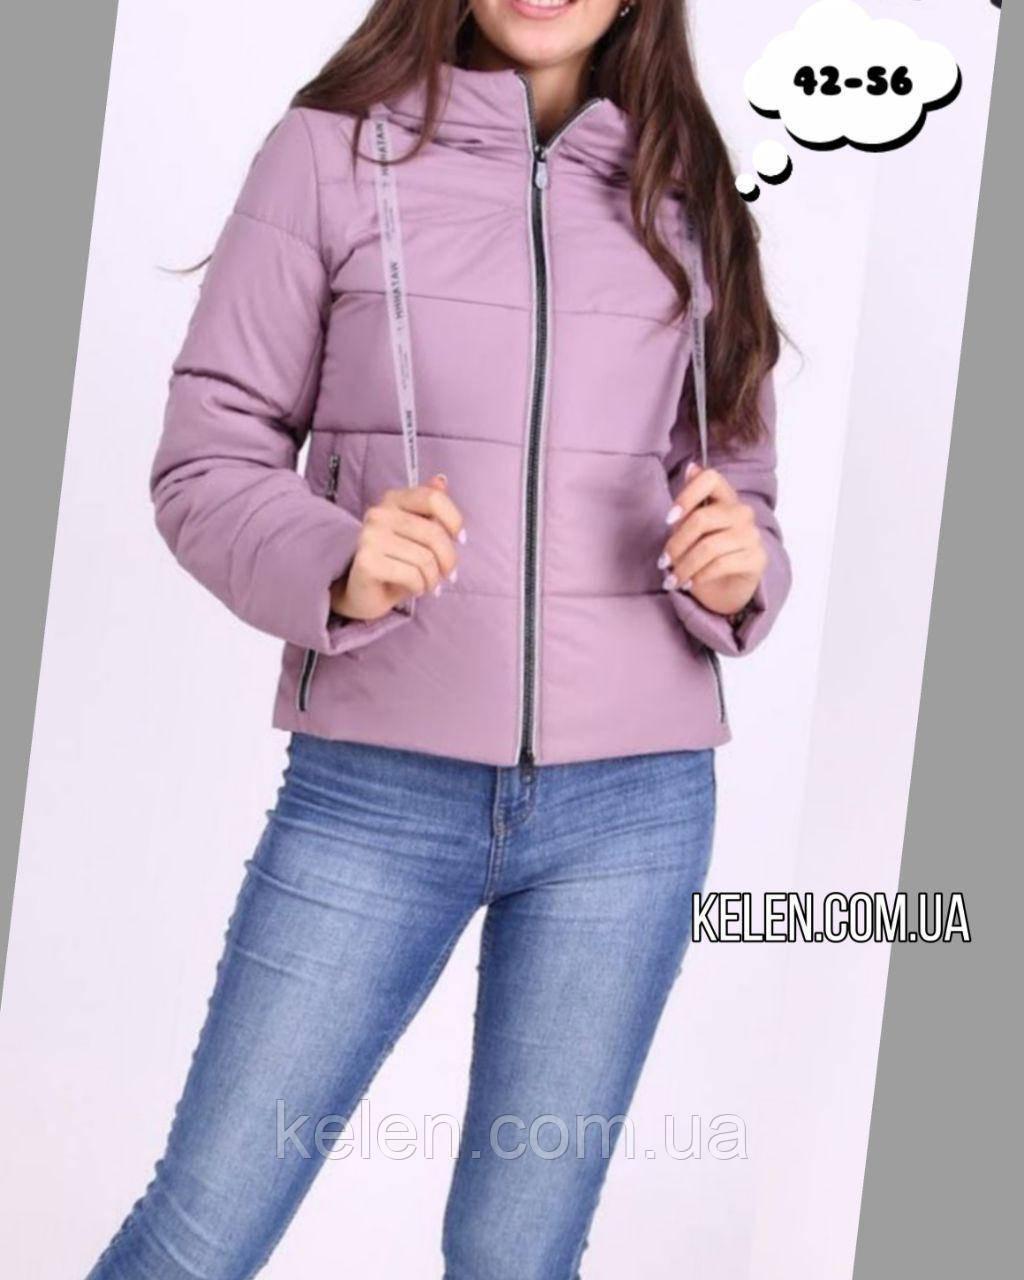 Куртка демисезонная укороченая пудровая размер 44